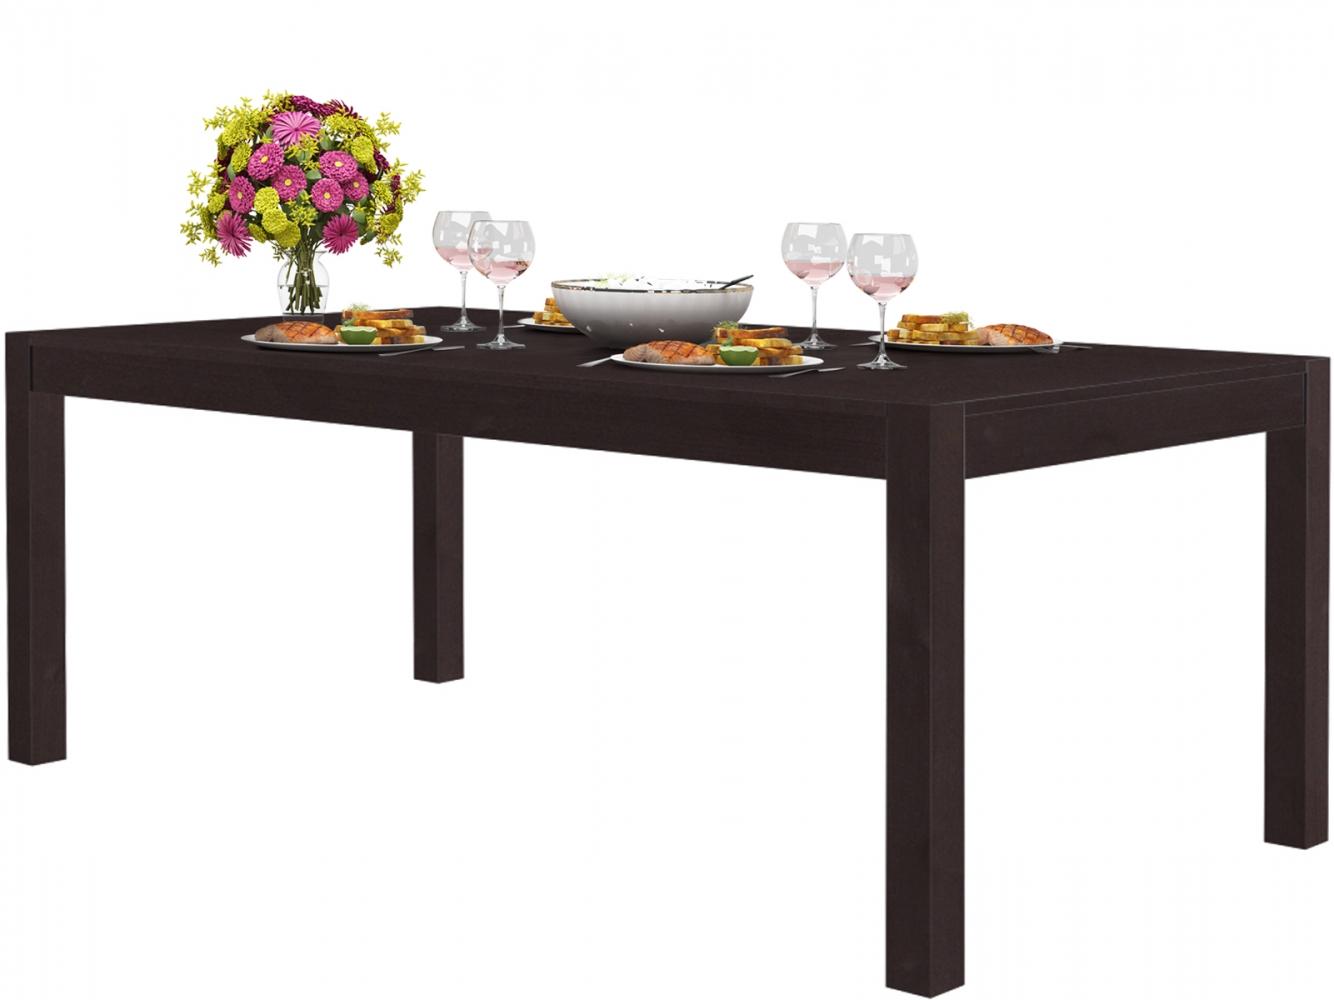 Jídelní stůl Moni, 200 cm, tmavě hnědá